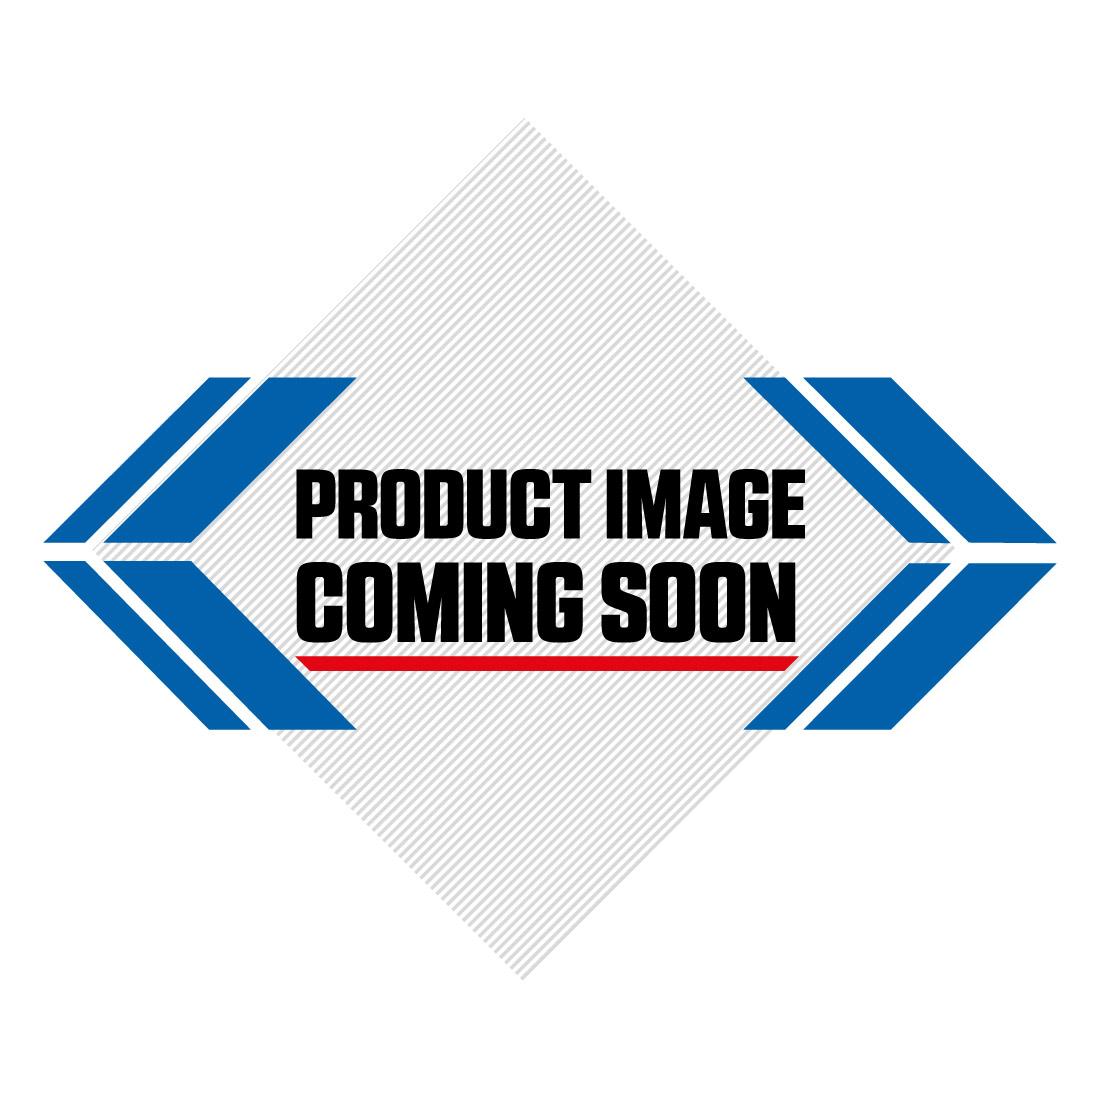 Kawasaki Plastic Kit KX 125 250 (03-04) OEM Factory Image-5